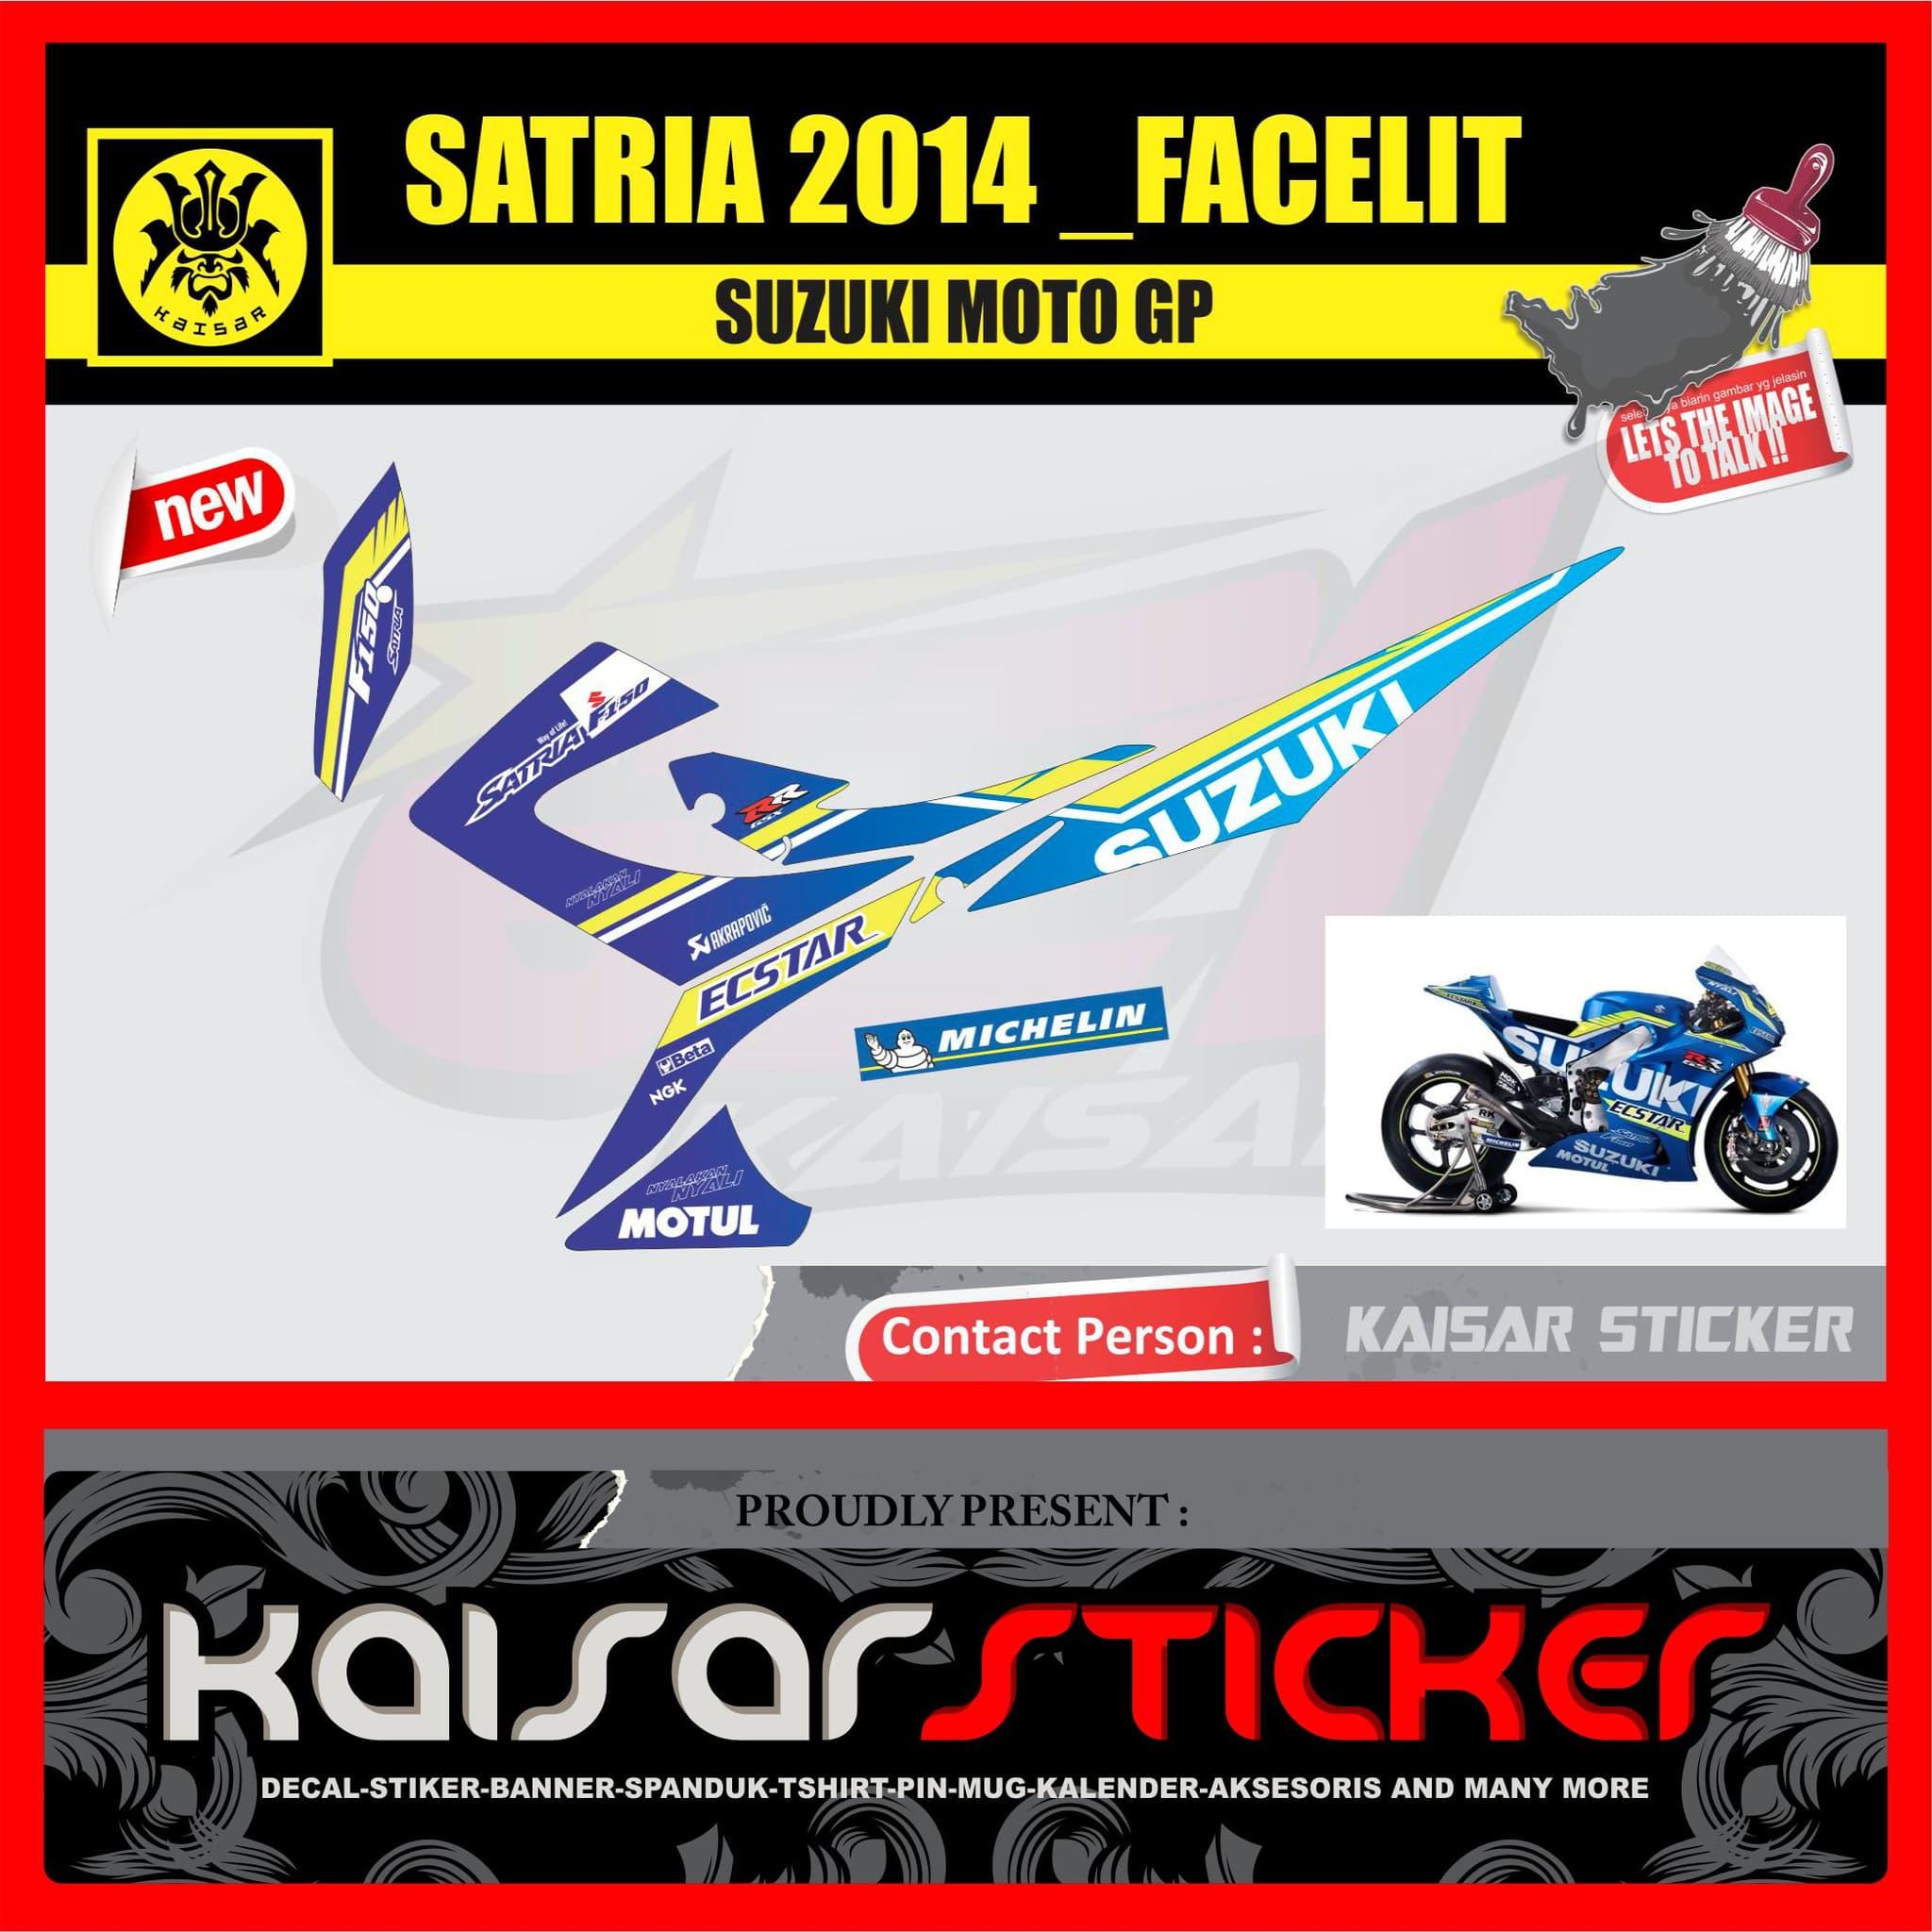 Jual sticker striping motor sticker suzuki satra facelift 2014